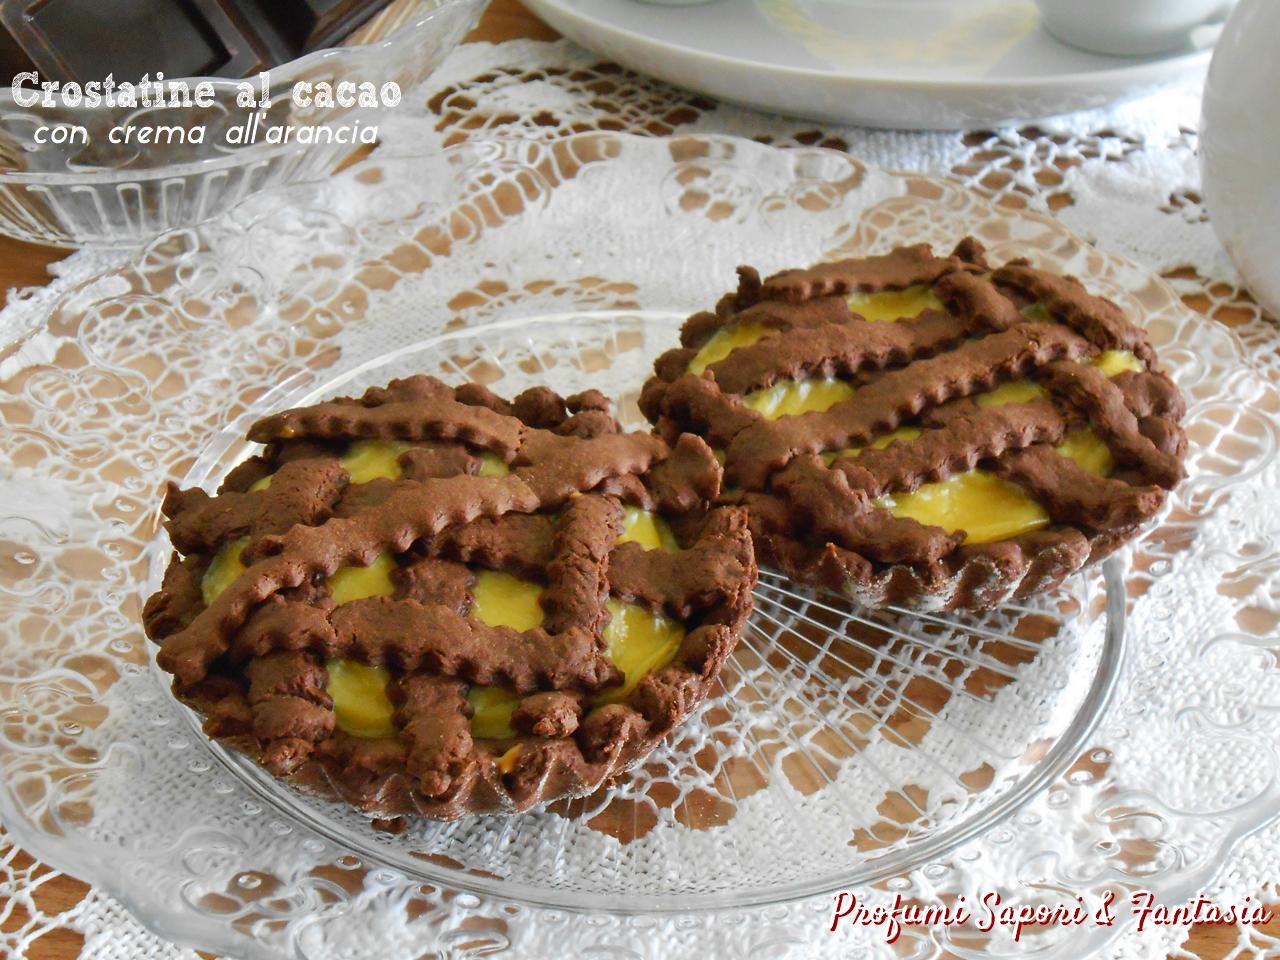 Crostatine al cacao con crema all'arancia